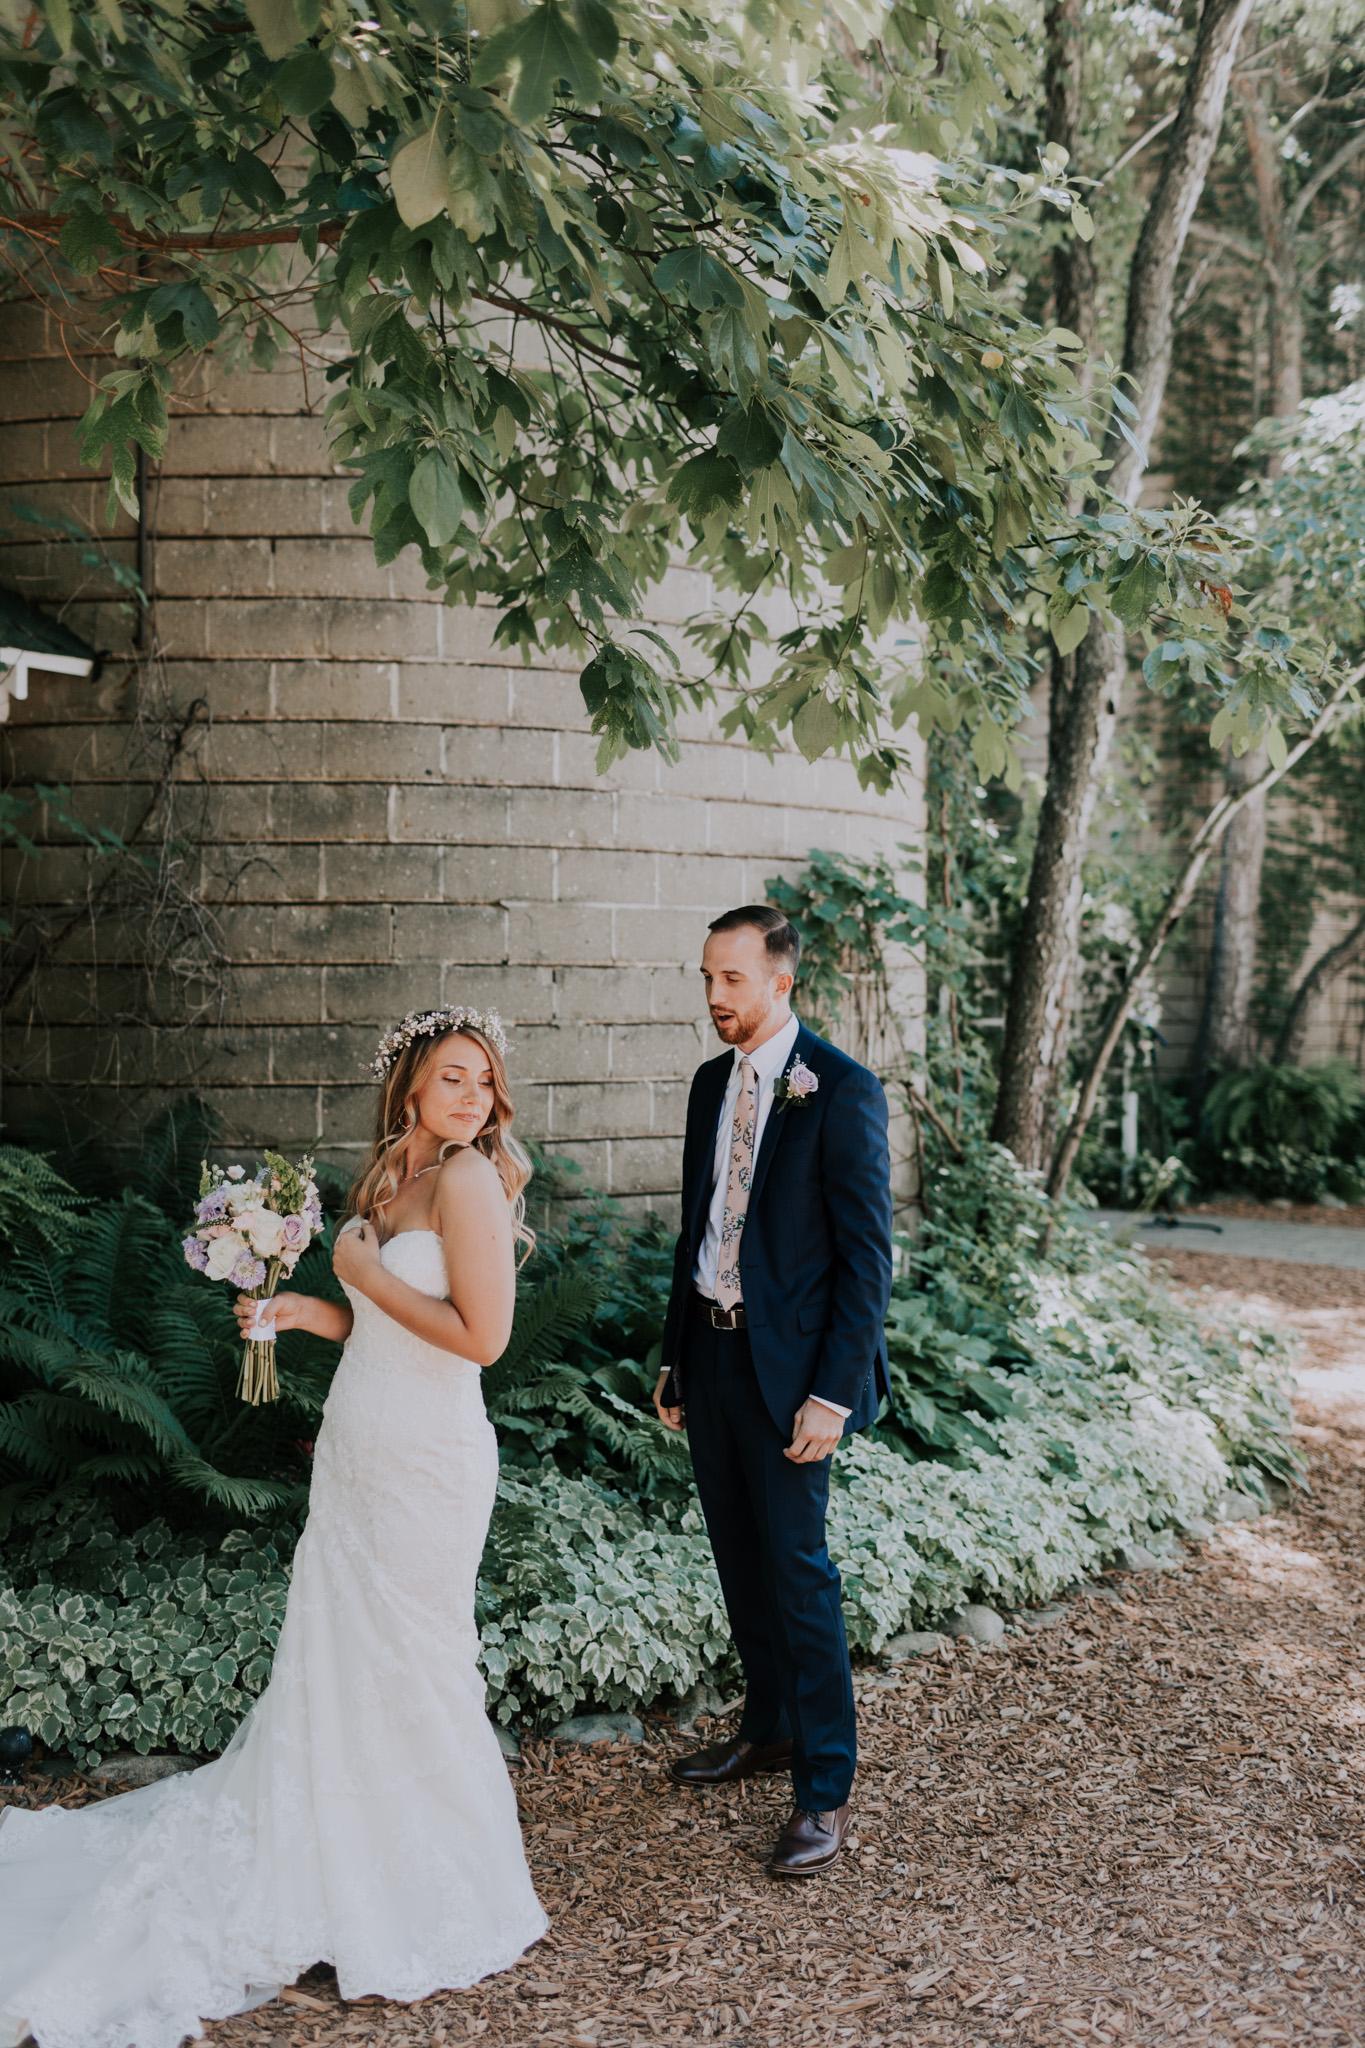 Blue-Dress-Barn-Michigan-Wedding-April-Seth-Vafa-Photo212.jpg